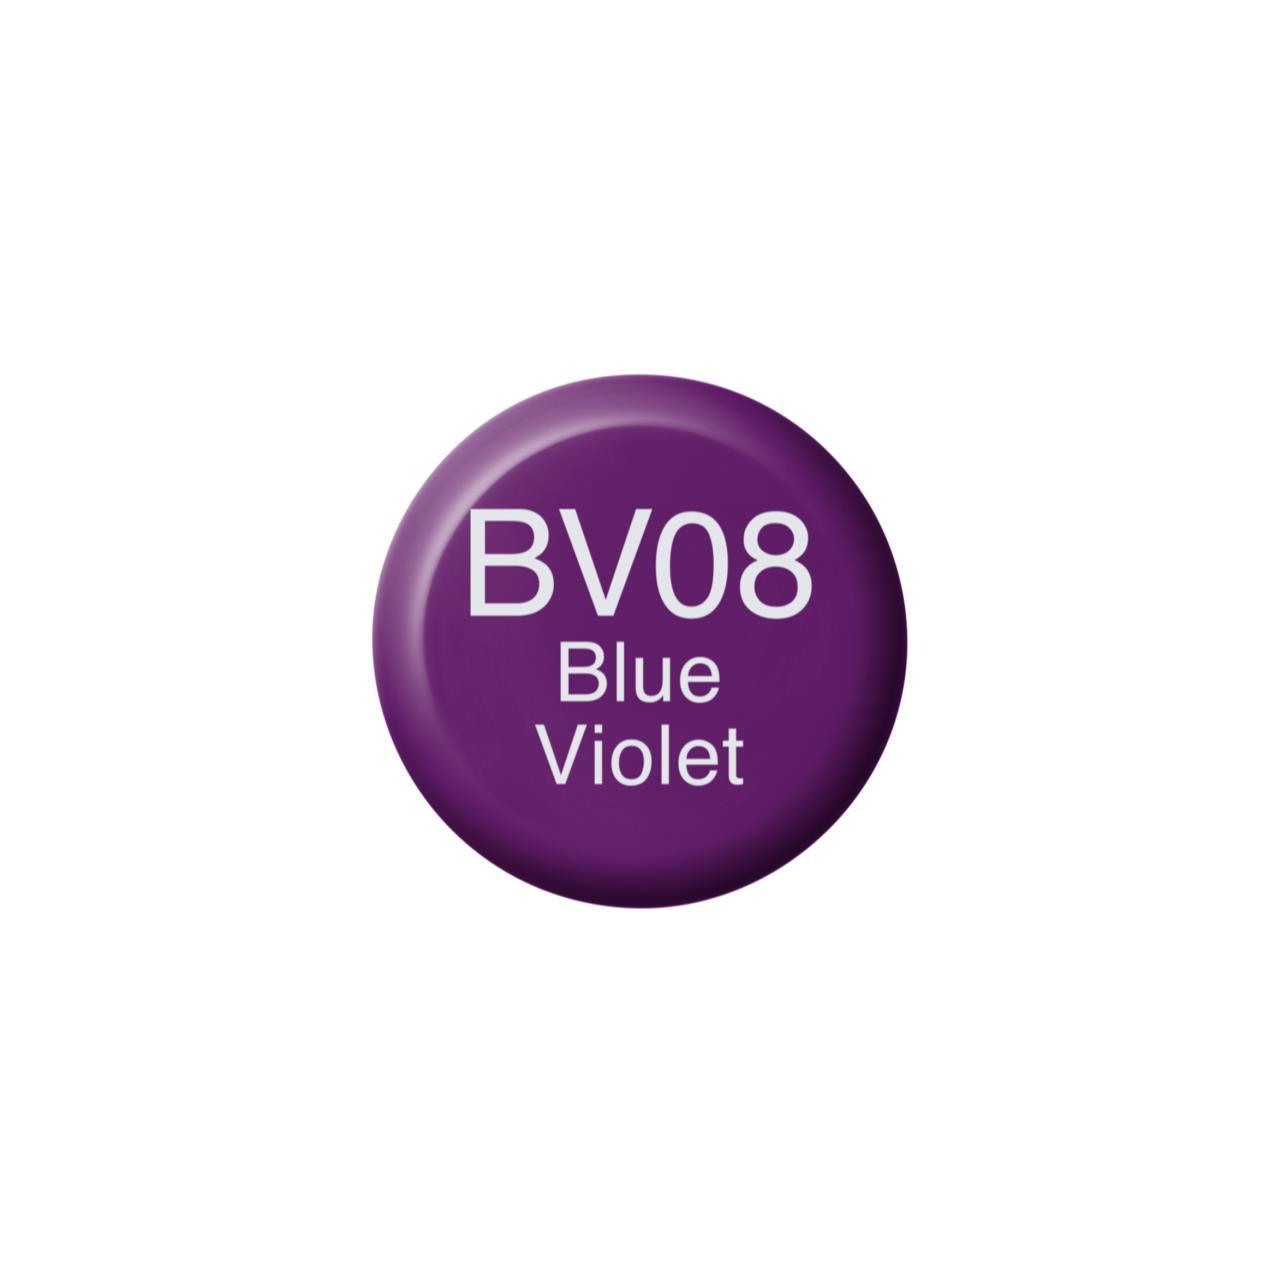 BV08 Blue Violet, Copic Ink - 4511338056486